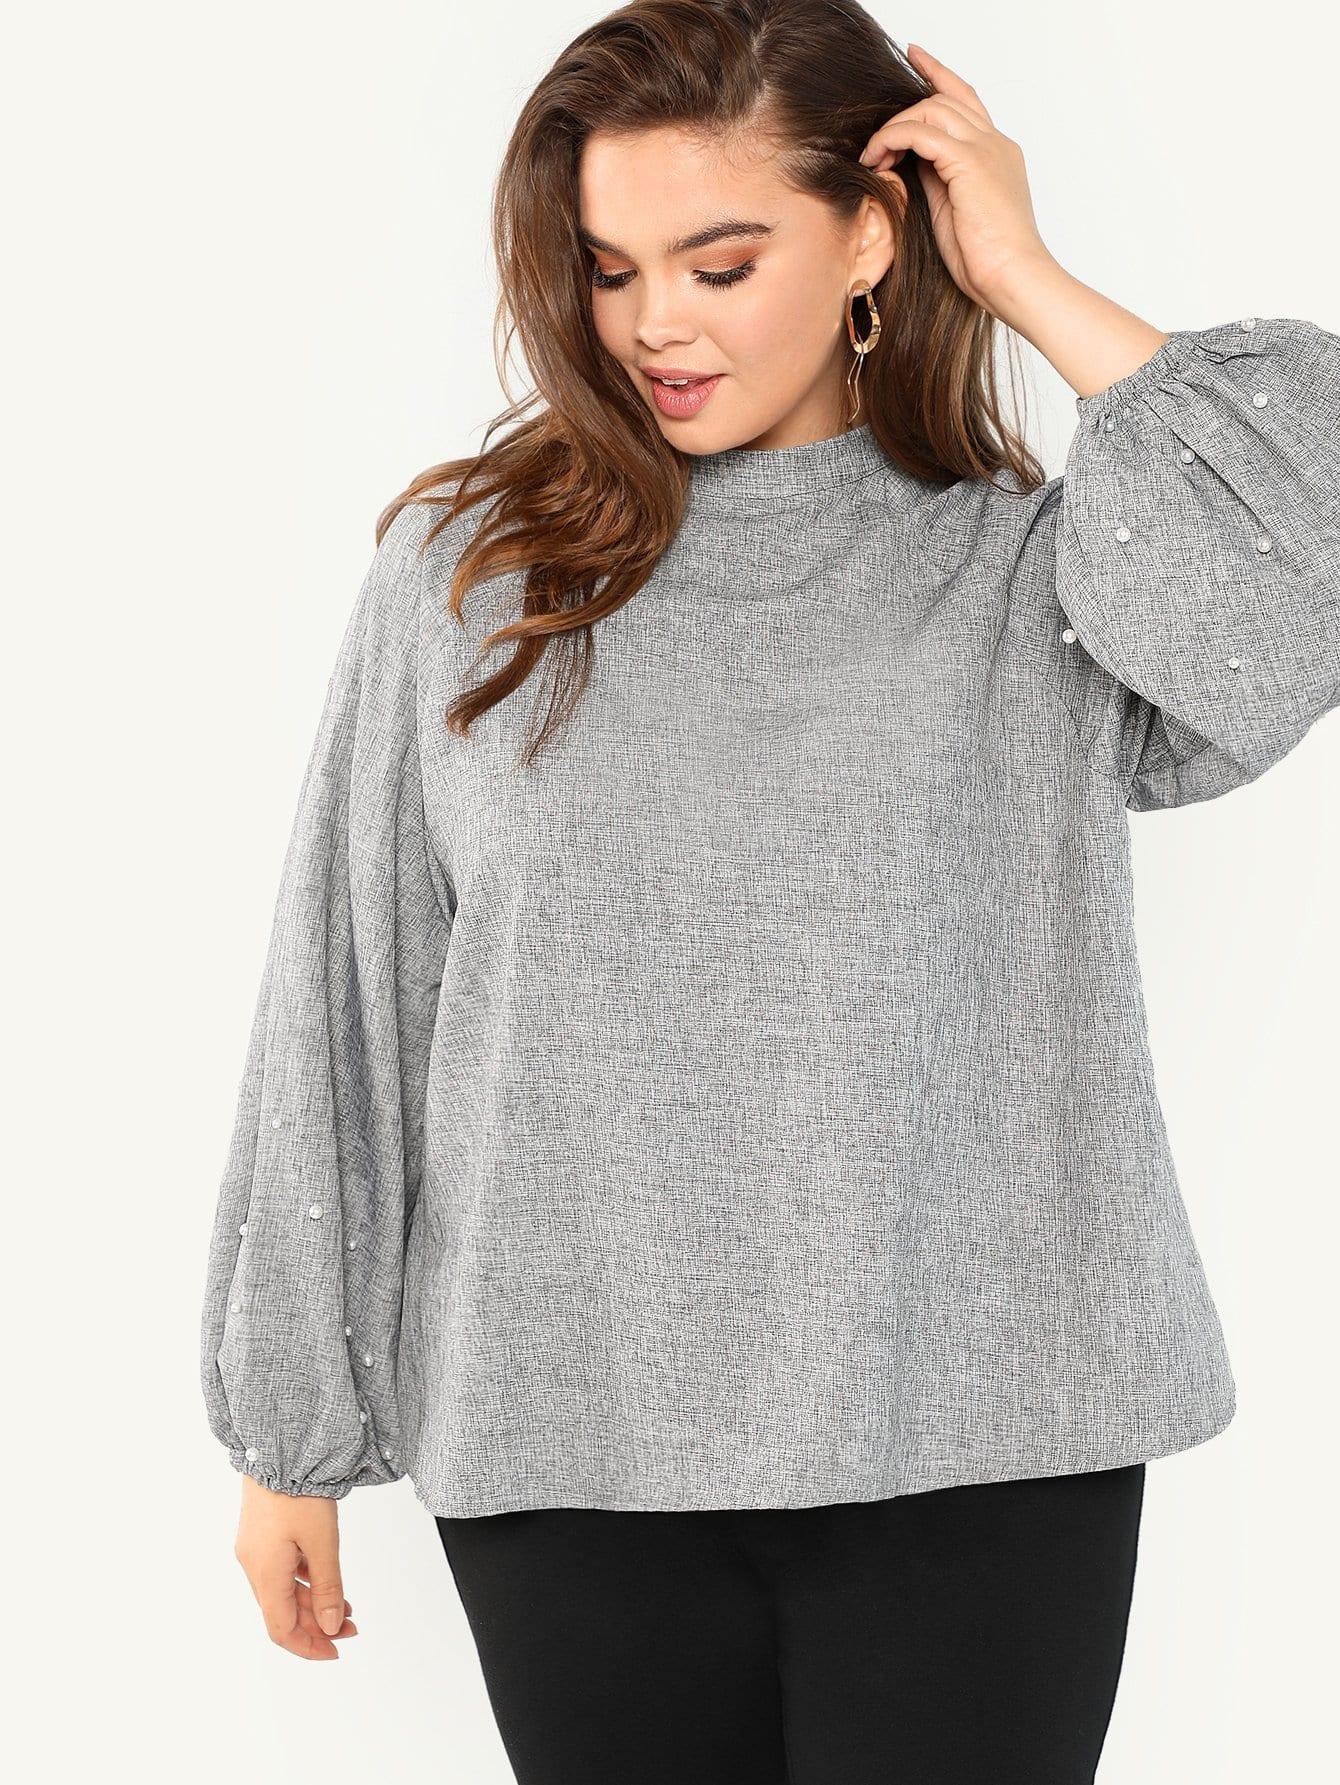 Купить Плюс размеры блузка с ложным воротником с жемчугами, Faith Bowman, SheIn